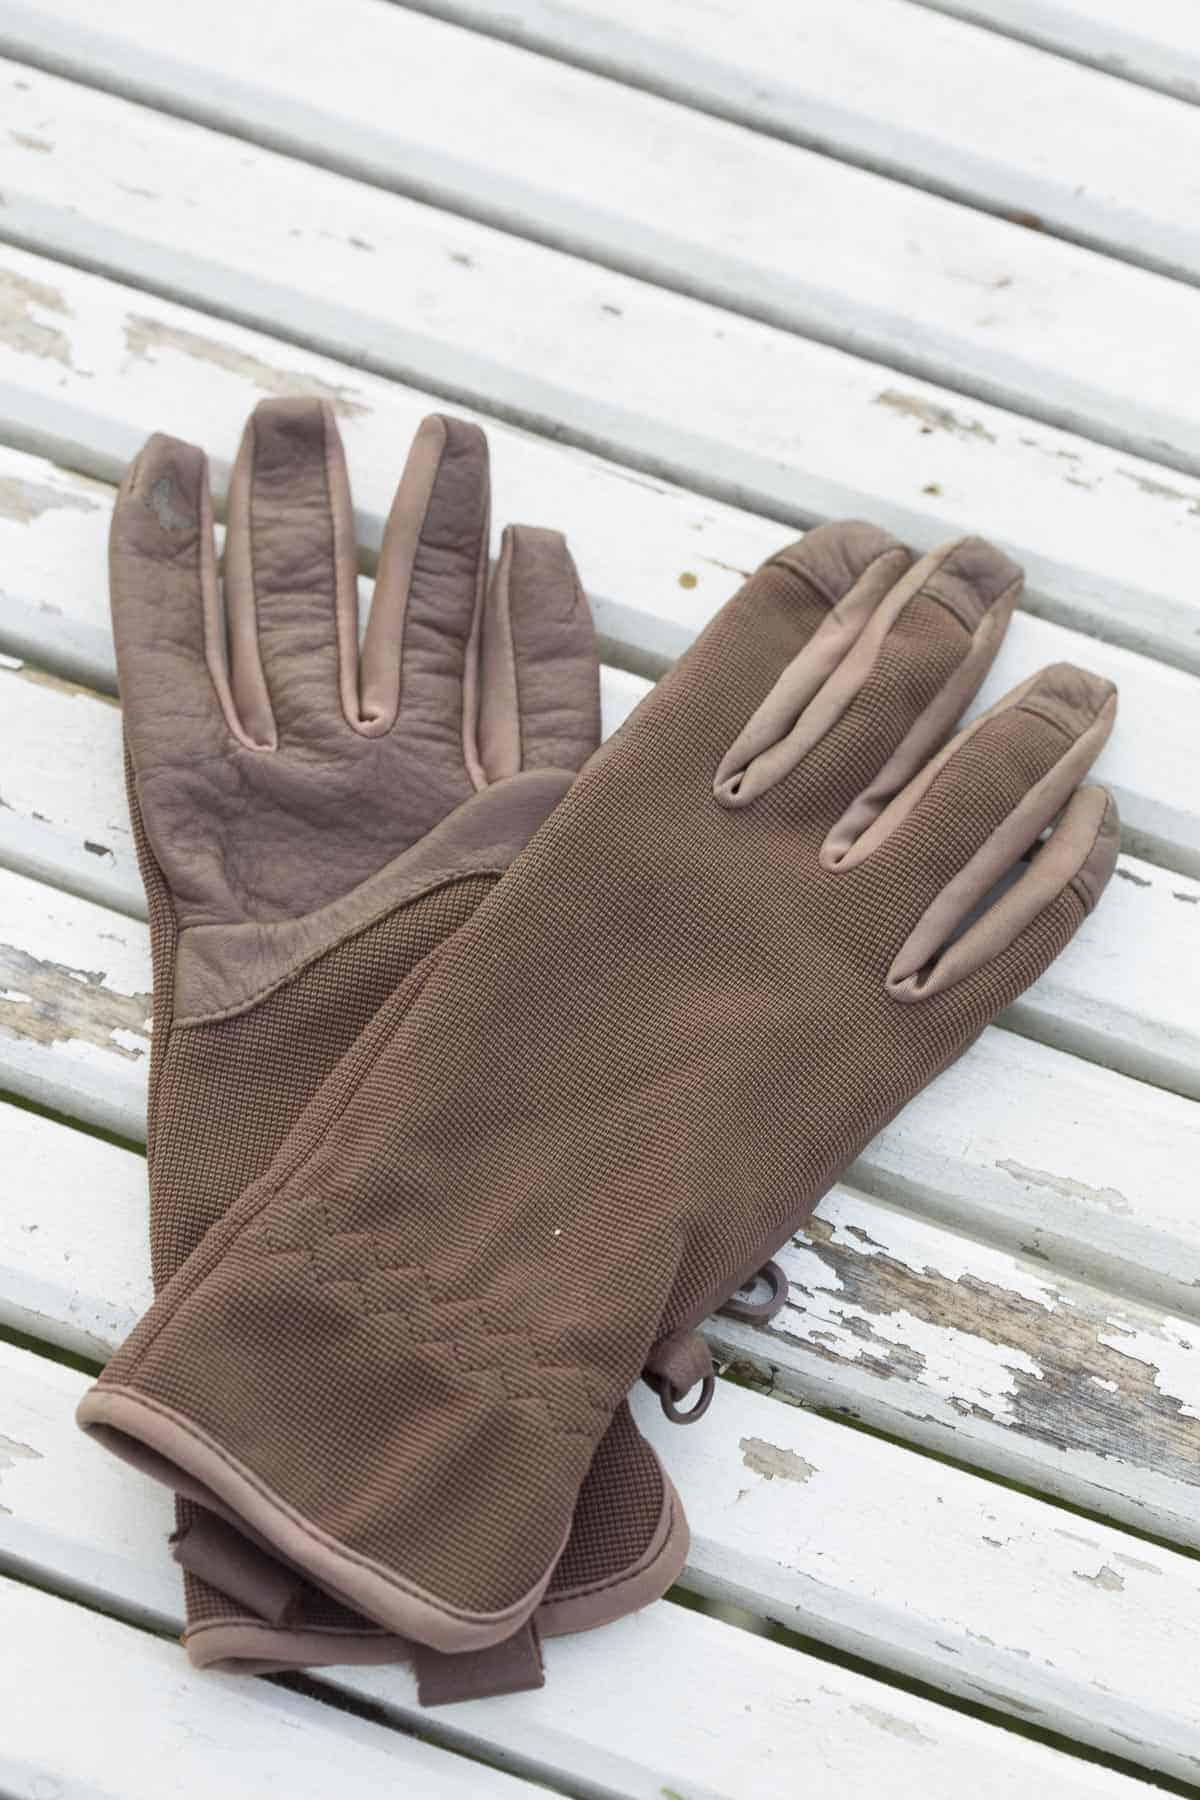 gartenhandschuhe 4